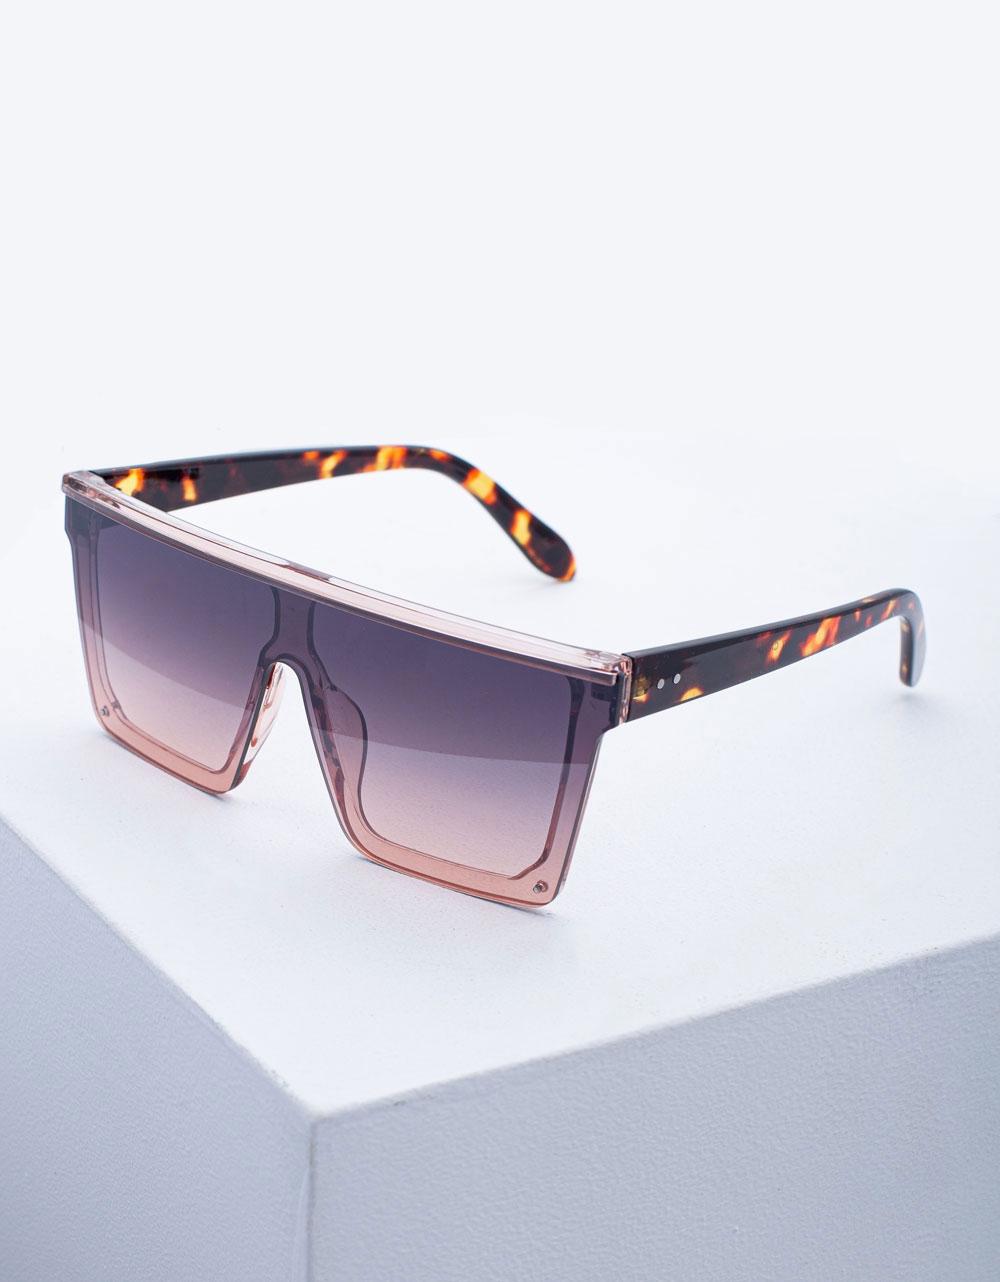 Εικόνα από Γυναικεία γυαλιά ηλίου oversized Ροζ